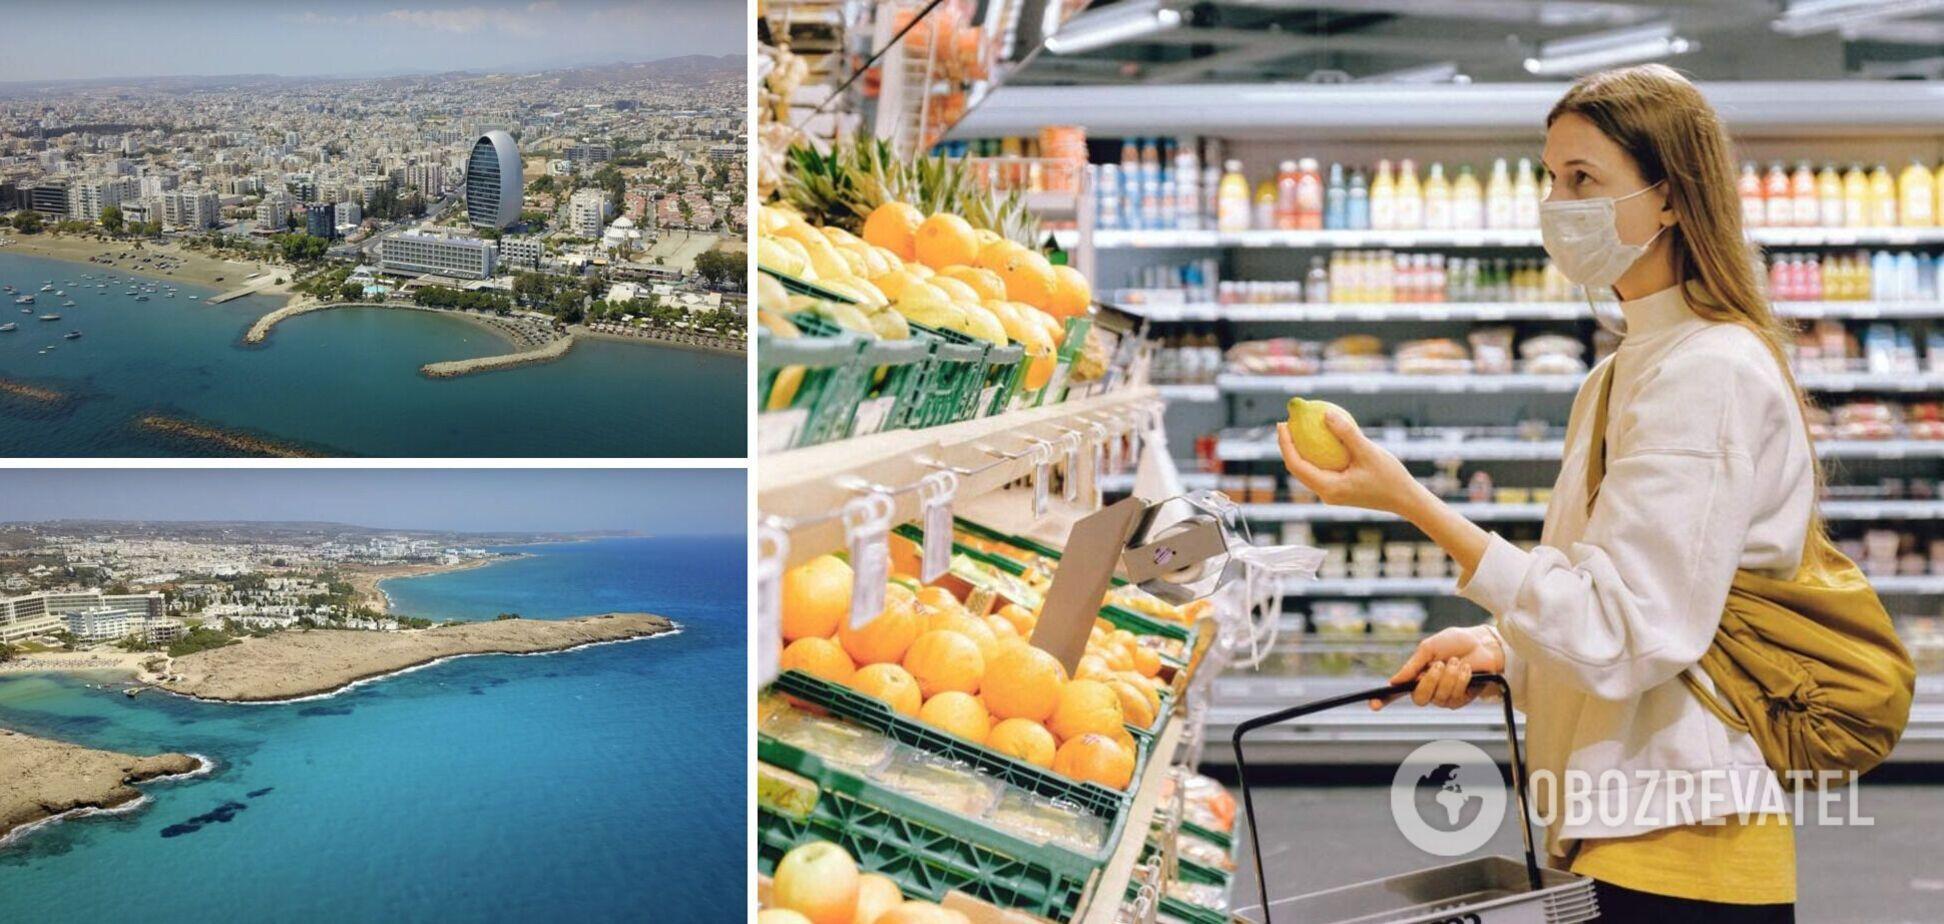 В супермаркеты на Кипре пускают только с сертификатом о вакцинации или отрицательным тестом на коронавирус